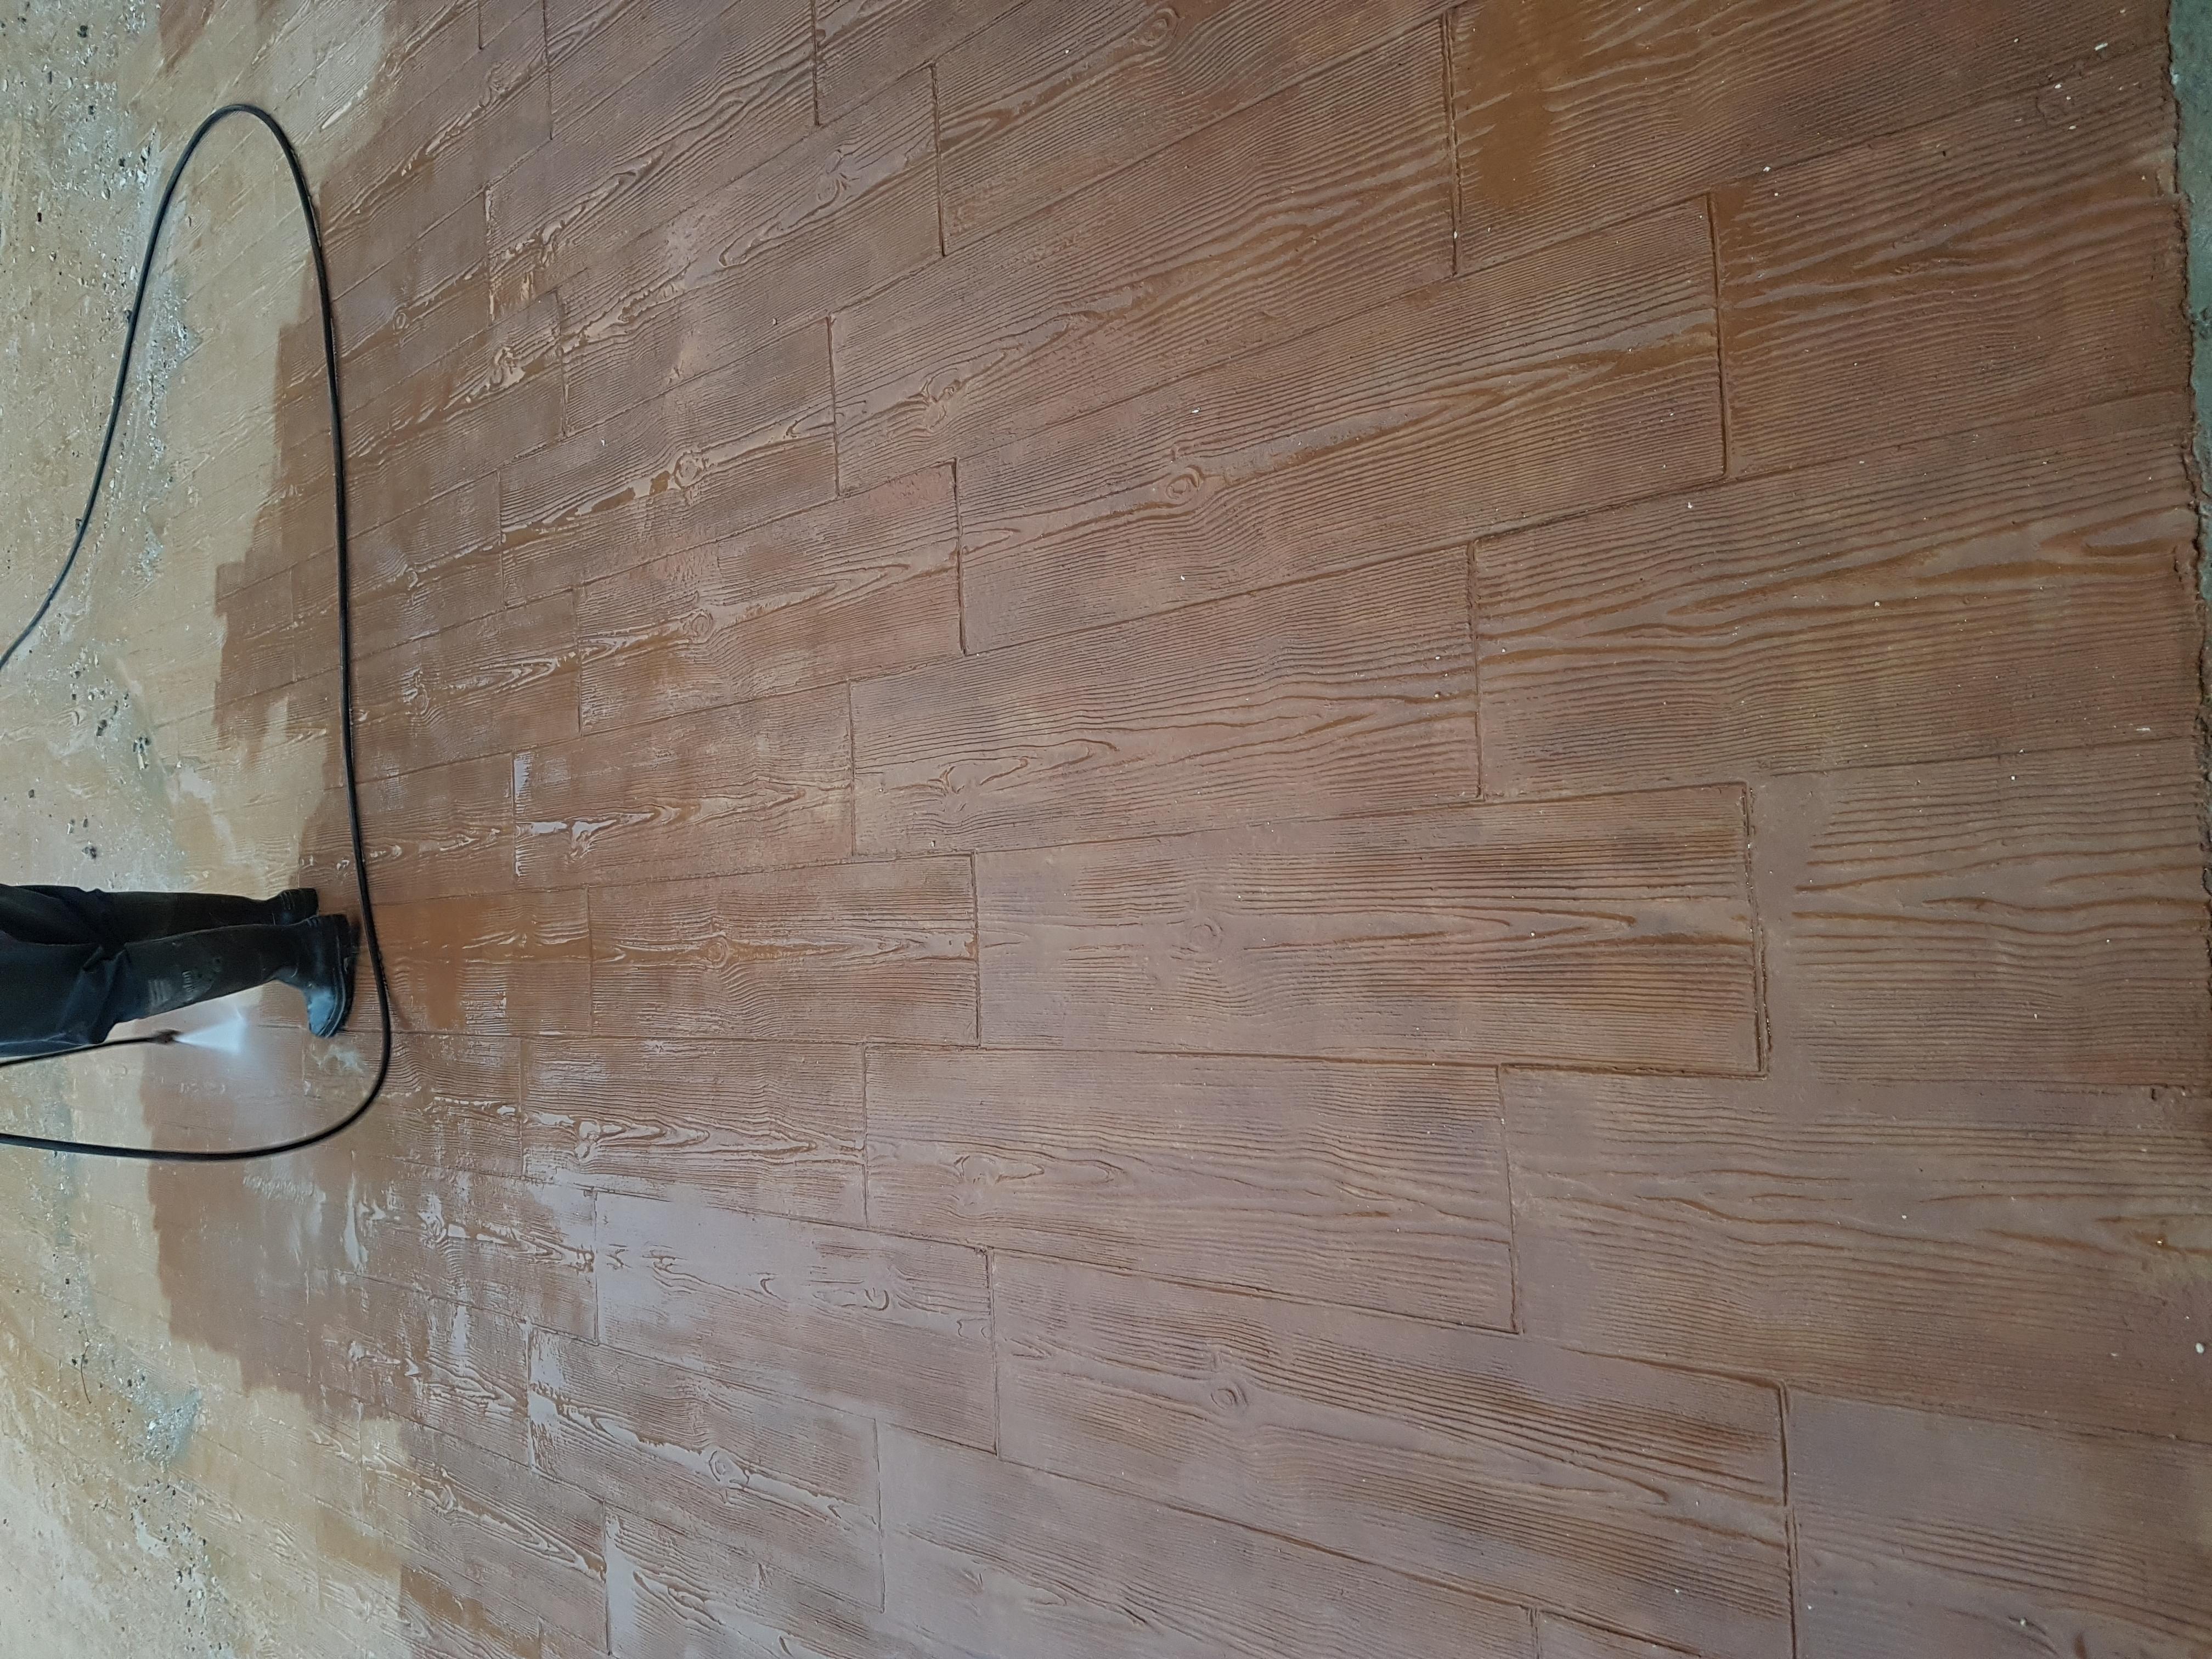 Pavimento de hormigon impreso hormig n impreso en tarragona for Pavimento de hormigon tarragona